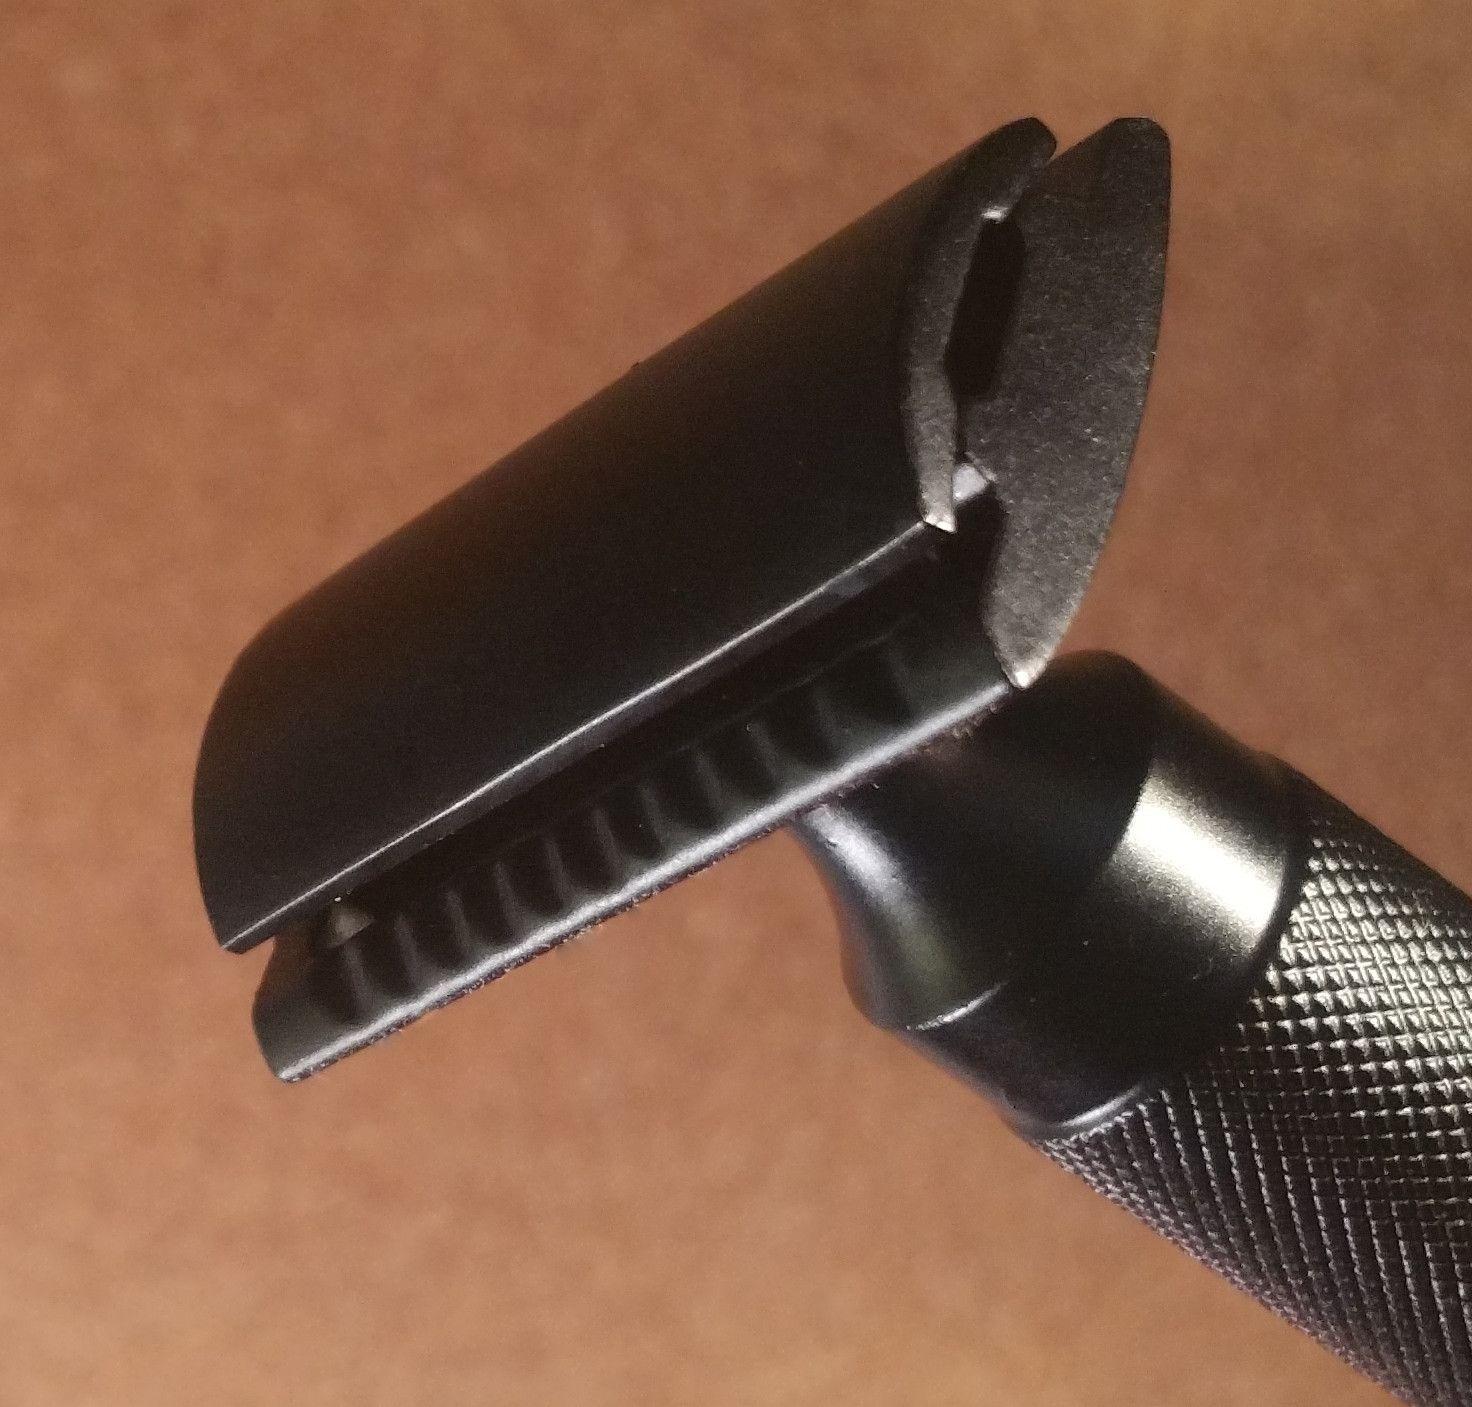 SR71 Guard Bar Safety Razor Safety razor, Razor, Wet